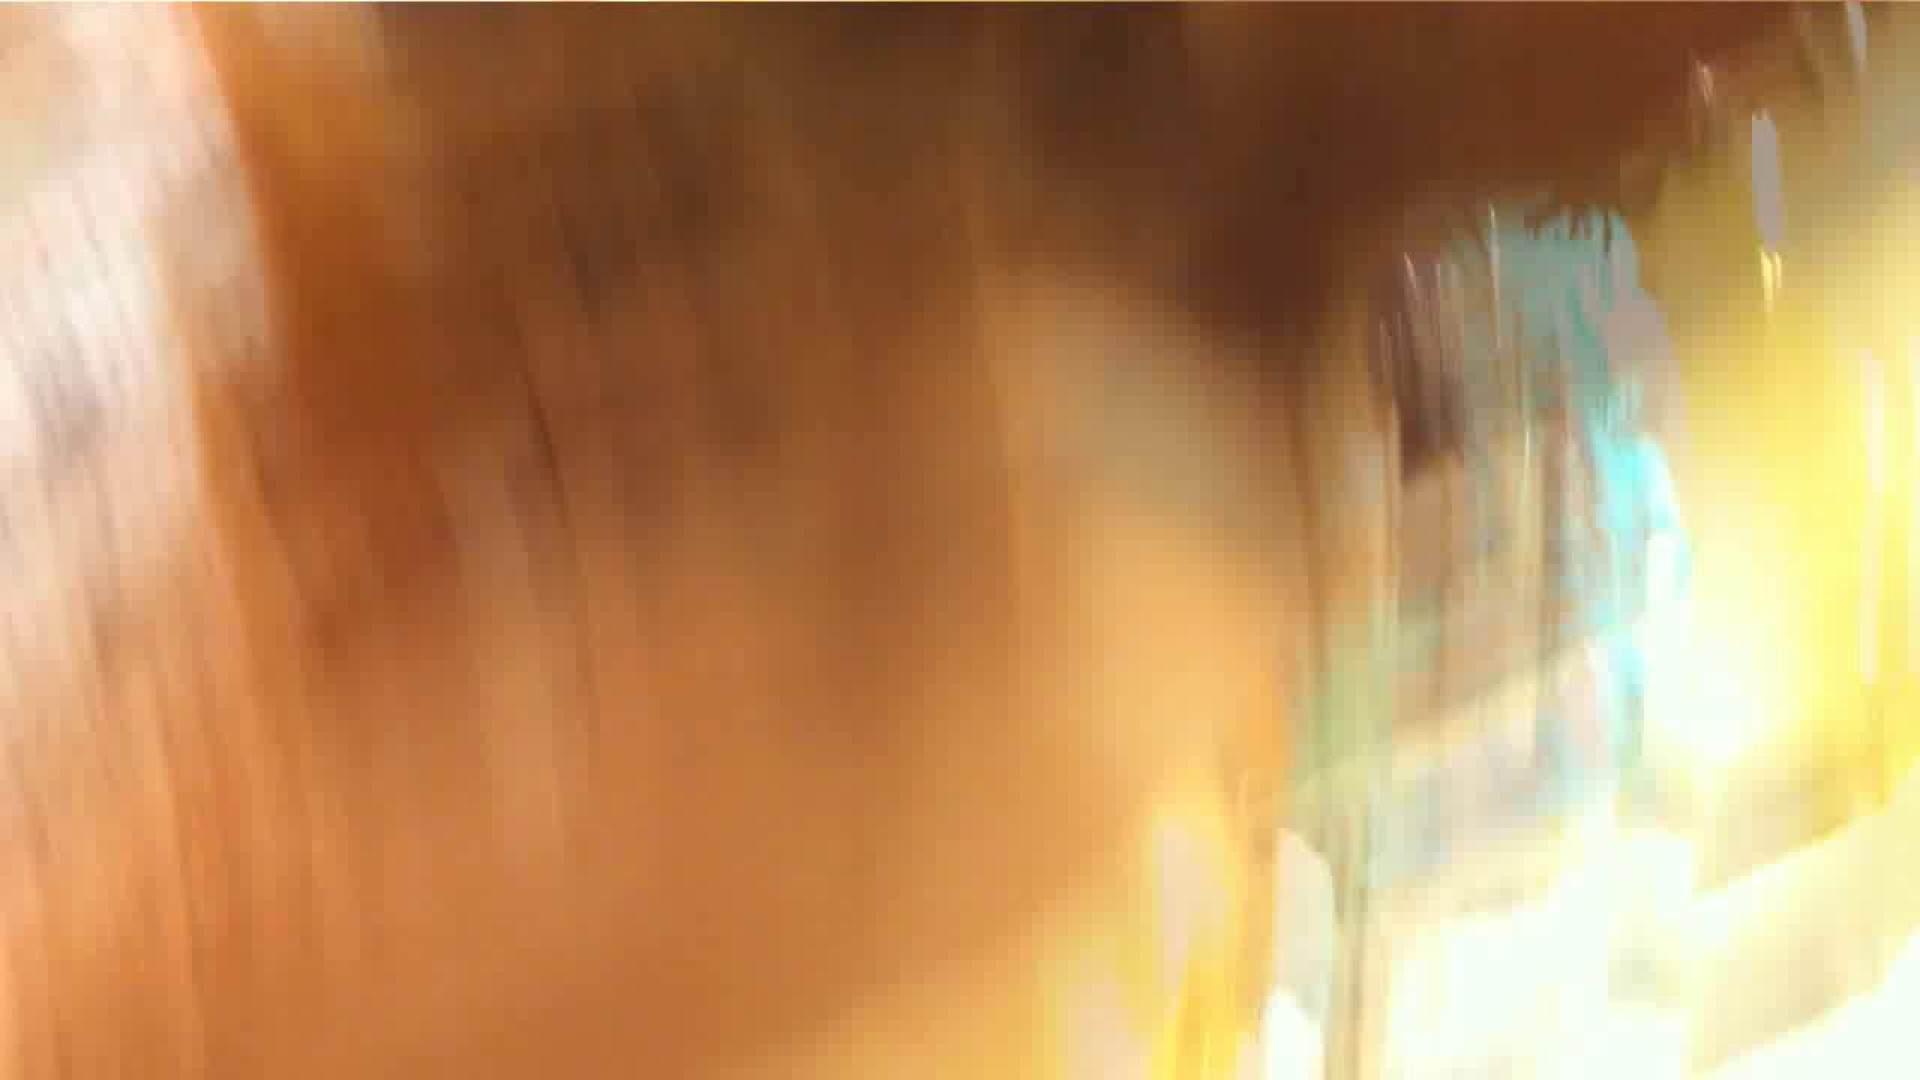 可愛いカリスマ店員限定‼胸チラ&パンチラ vol.16 OLエロ画像 隠し撮りおまんこ動画流出 69PICs 57